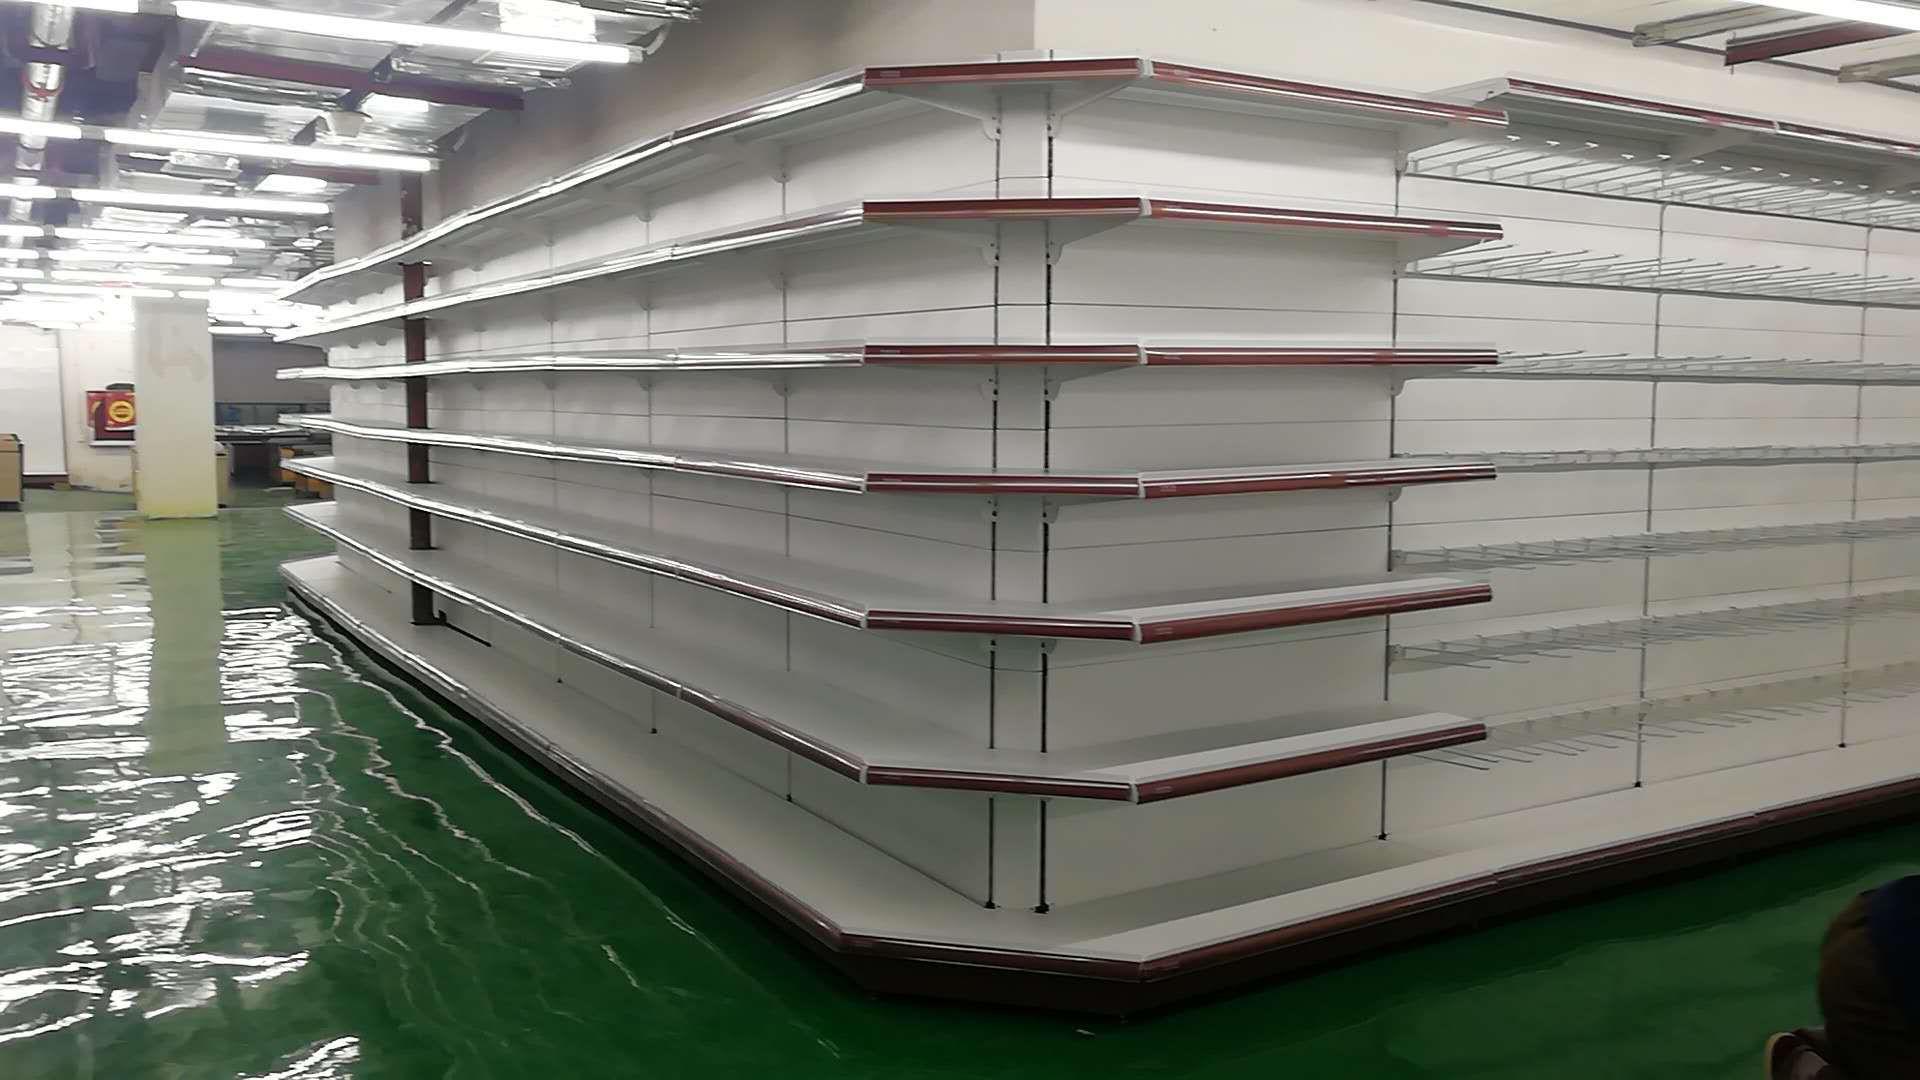 信旺、腾飞内蒙古信旺货架打造专业货架,货架配件厂家